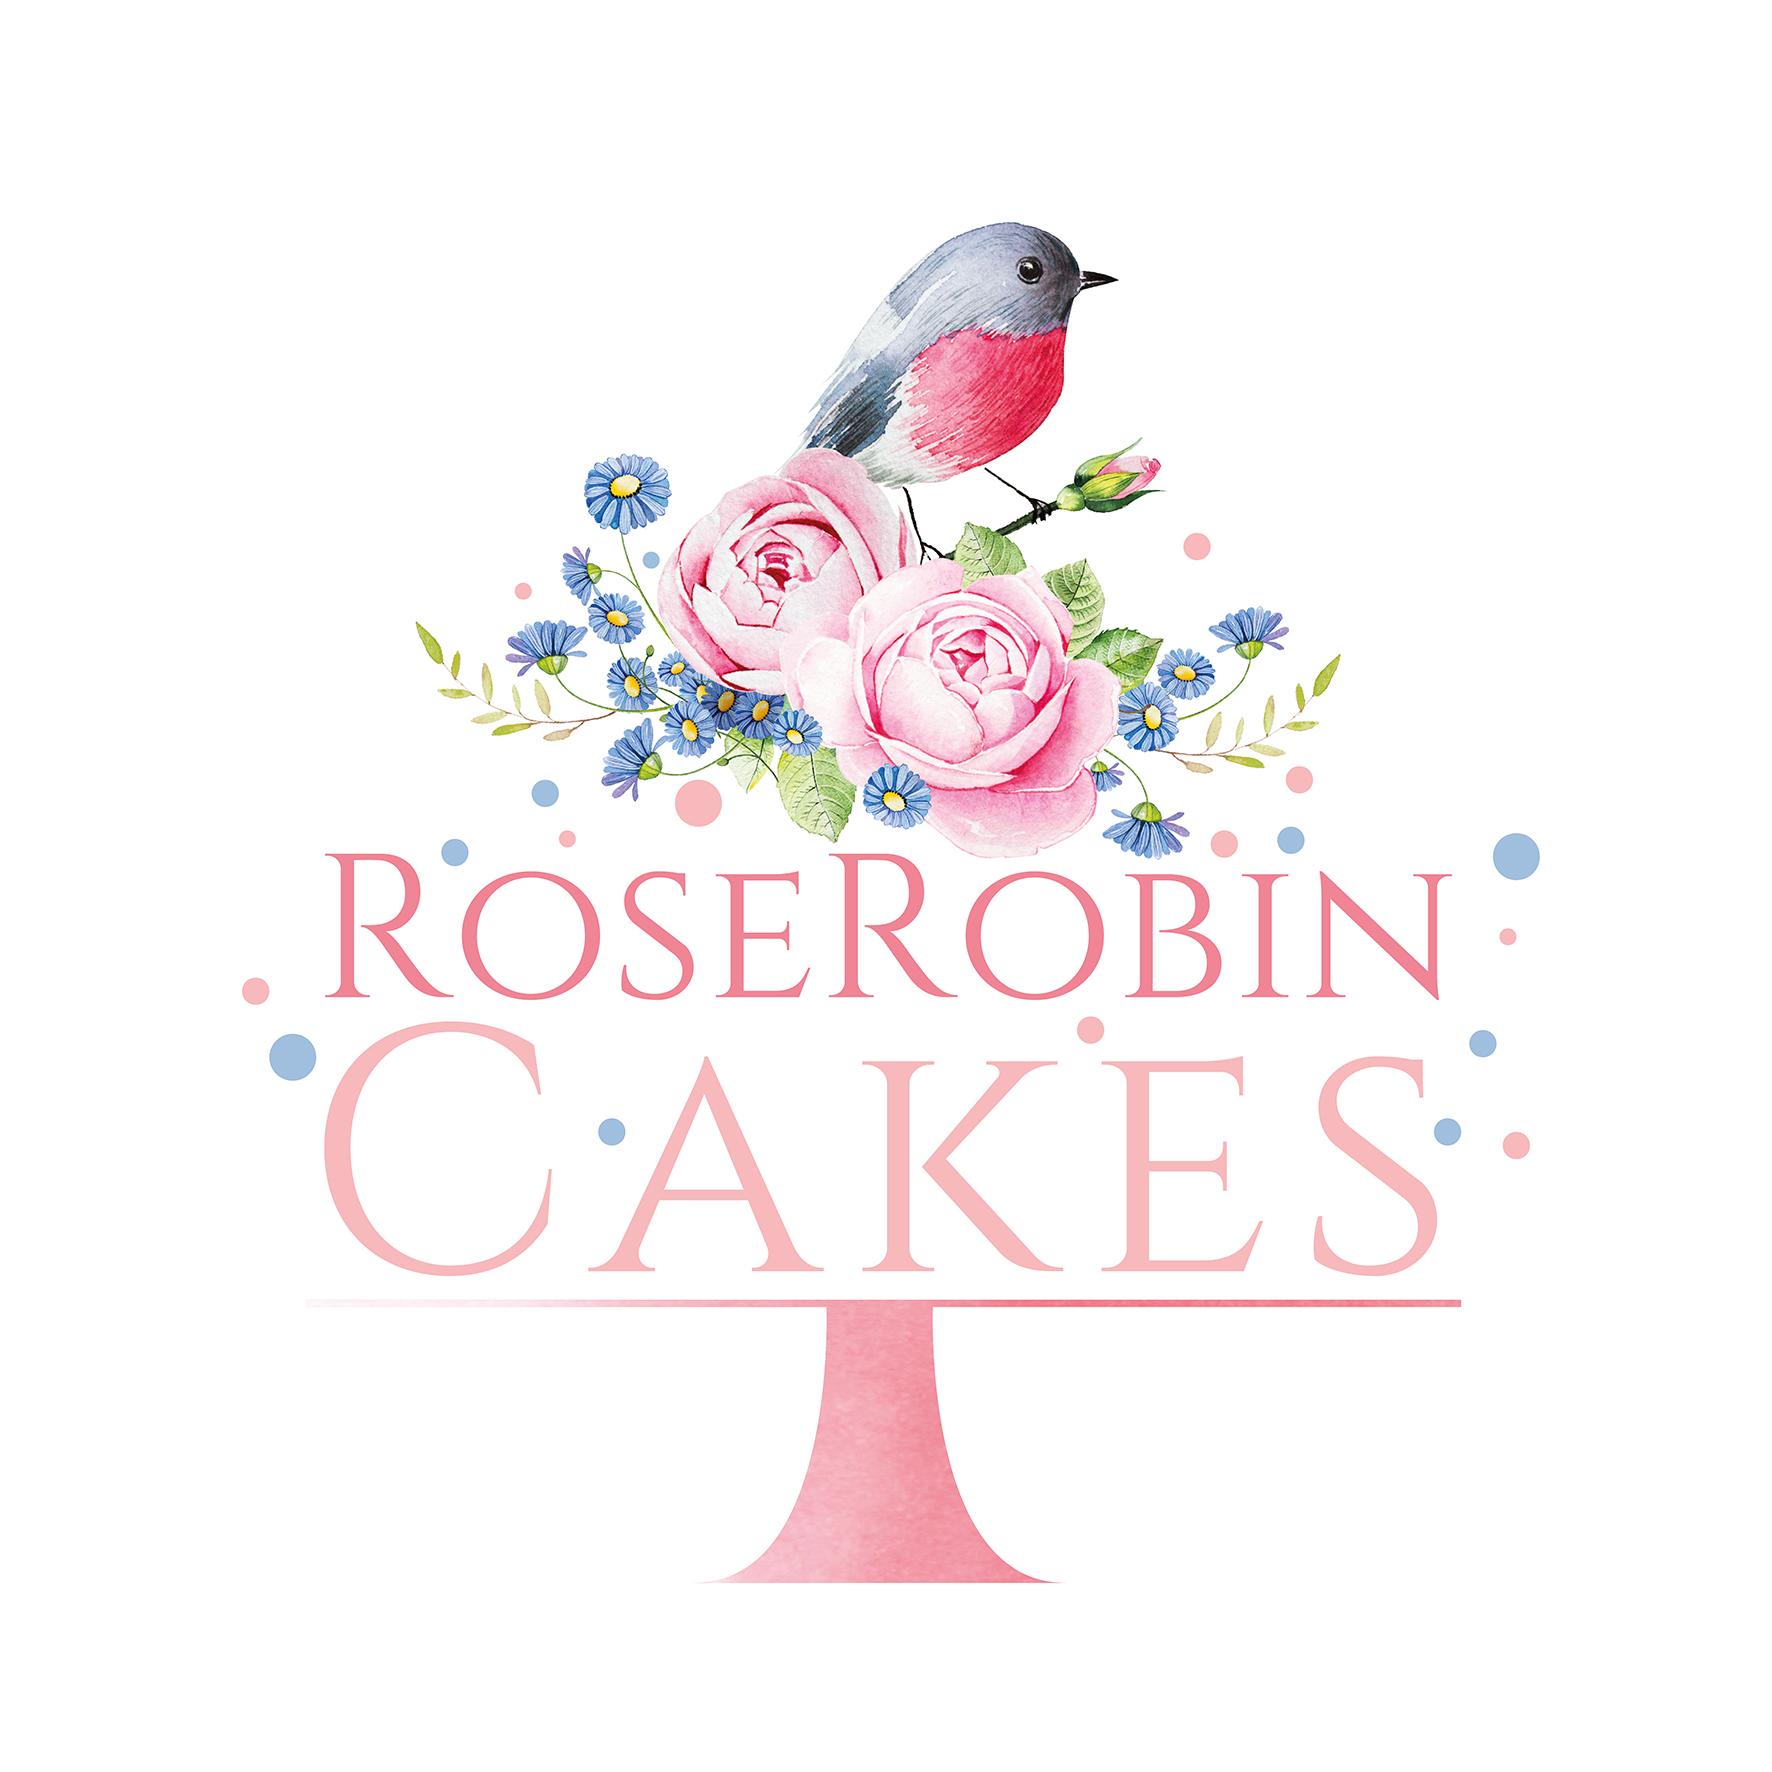 Australia based cake designer